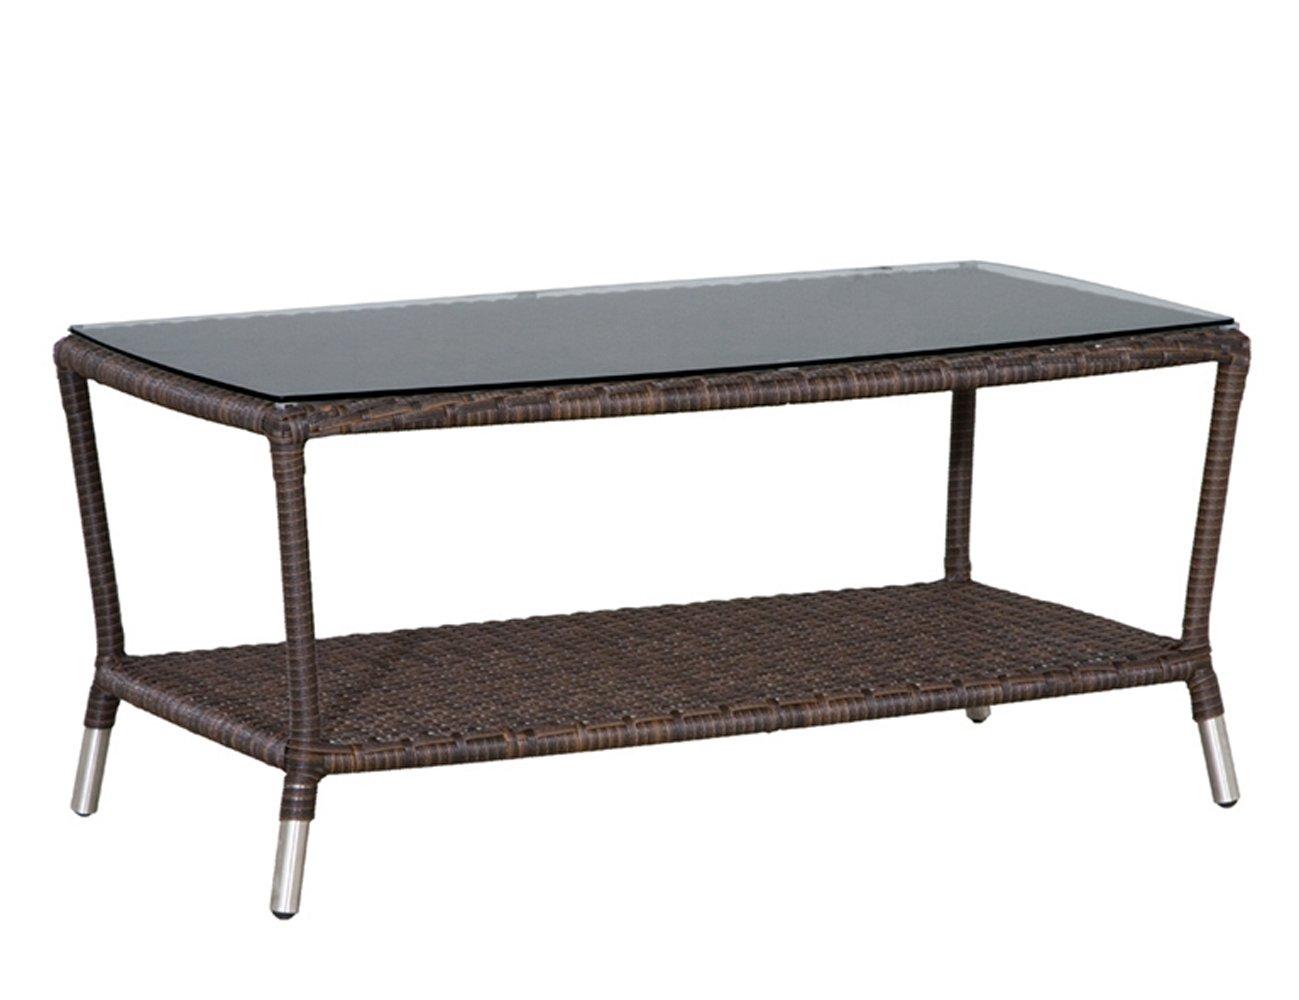 Siena Garden 104846 Tisch Malibu,Klarglasplatte, L 98 x B 56 x H 44,5 cm bestellen